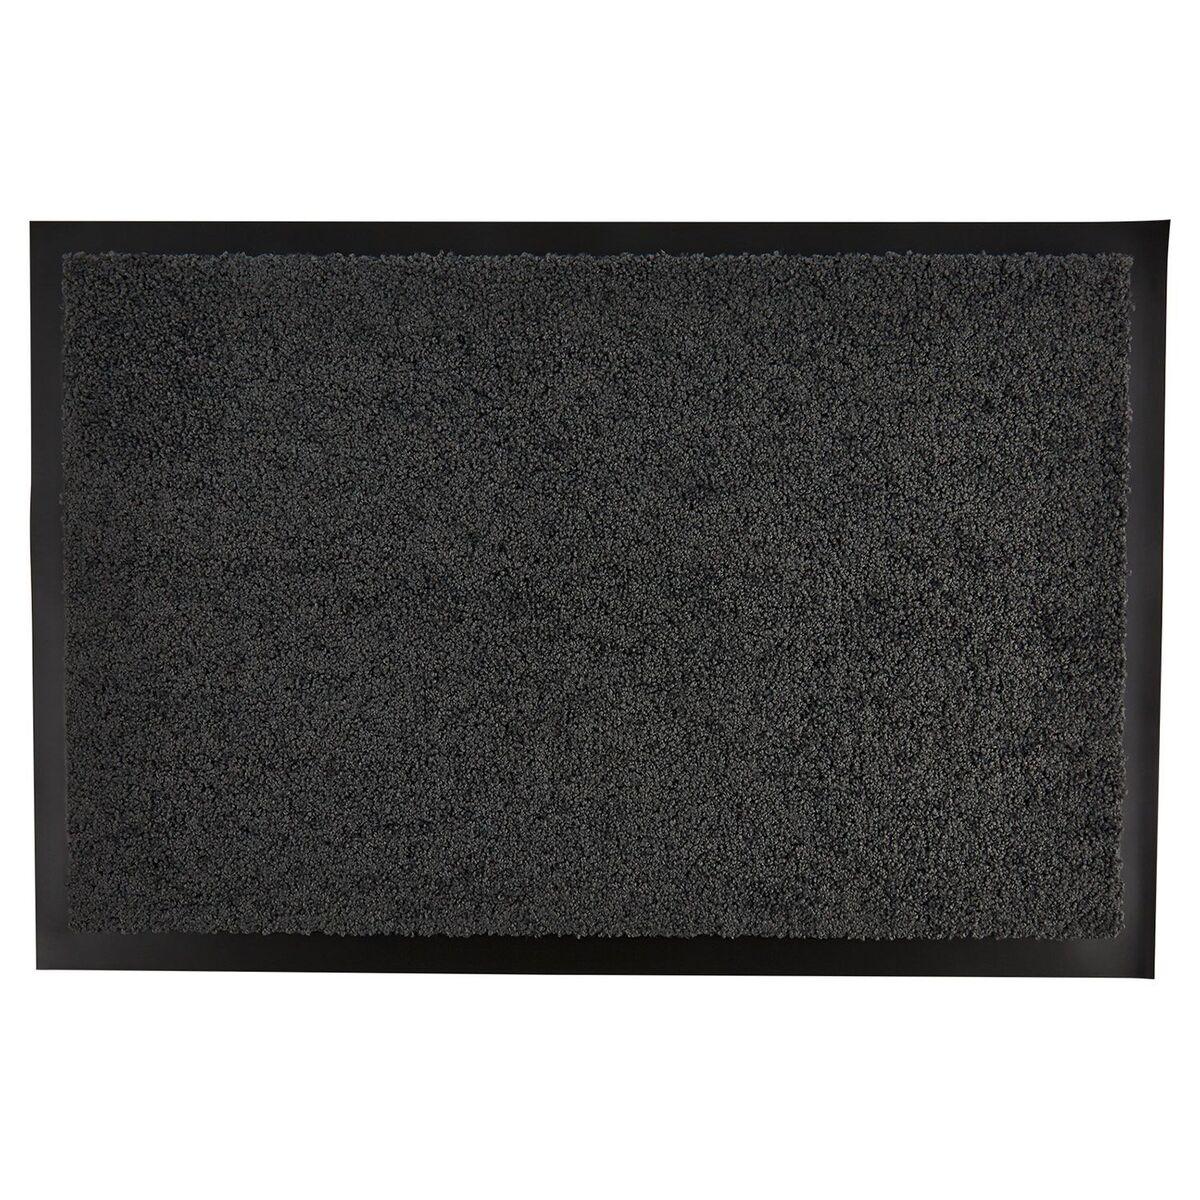 Bild 3 von TUKAN Schmutzfangmatte, 70 x 120 cm